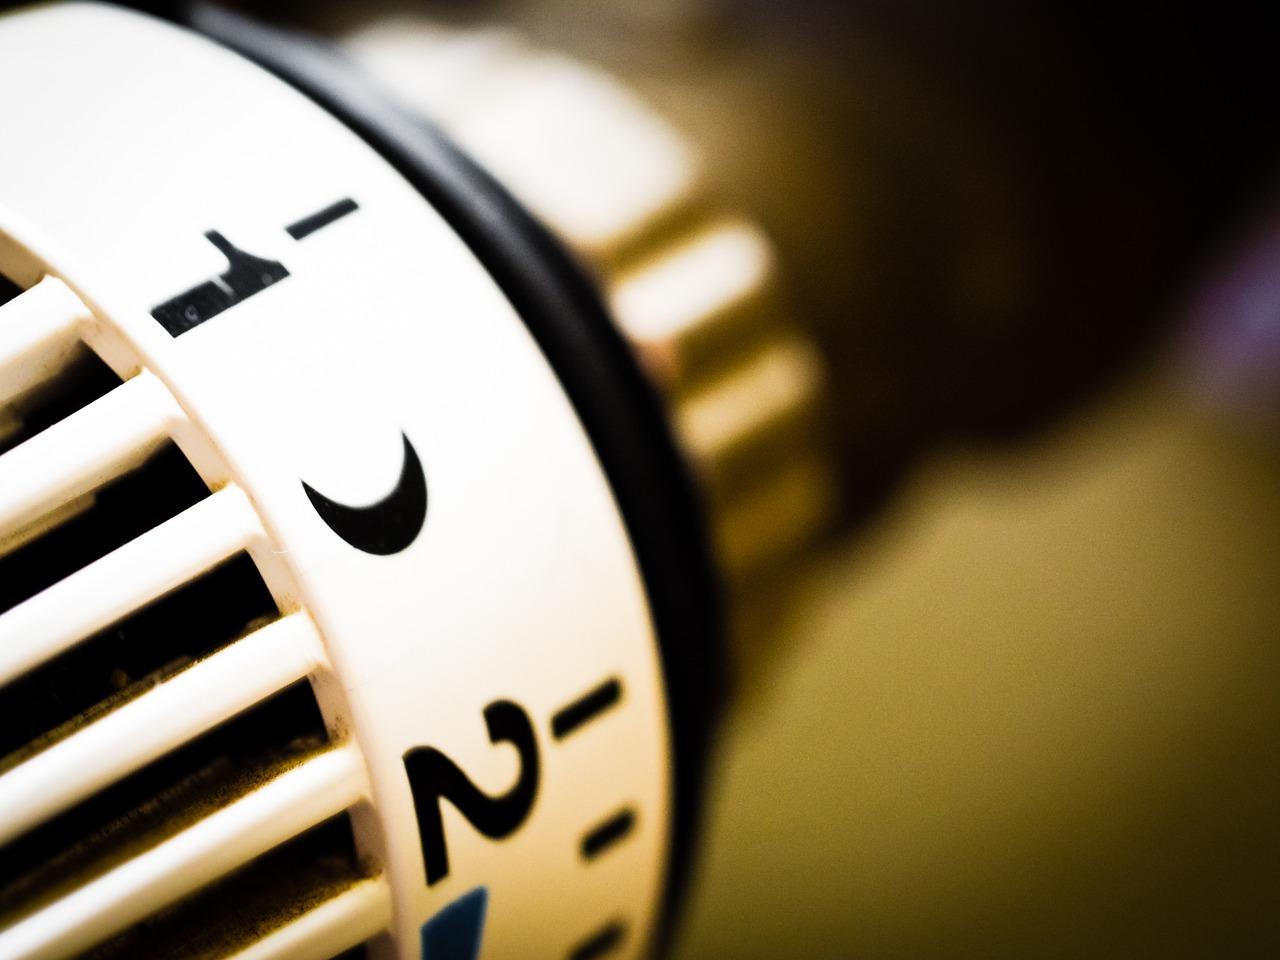 termovalvole-valvole-termostatiche-termosifoni-radiatori